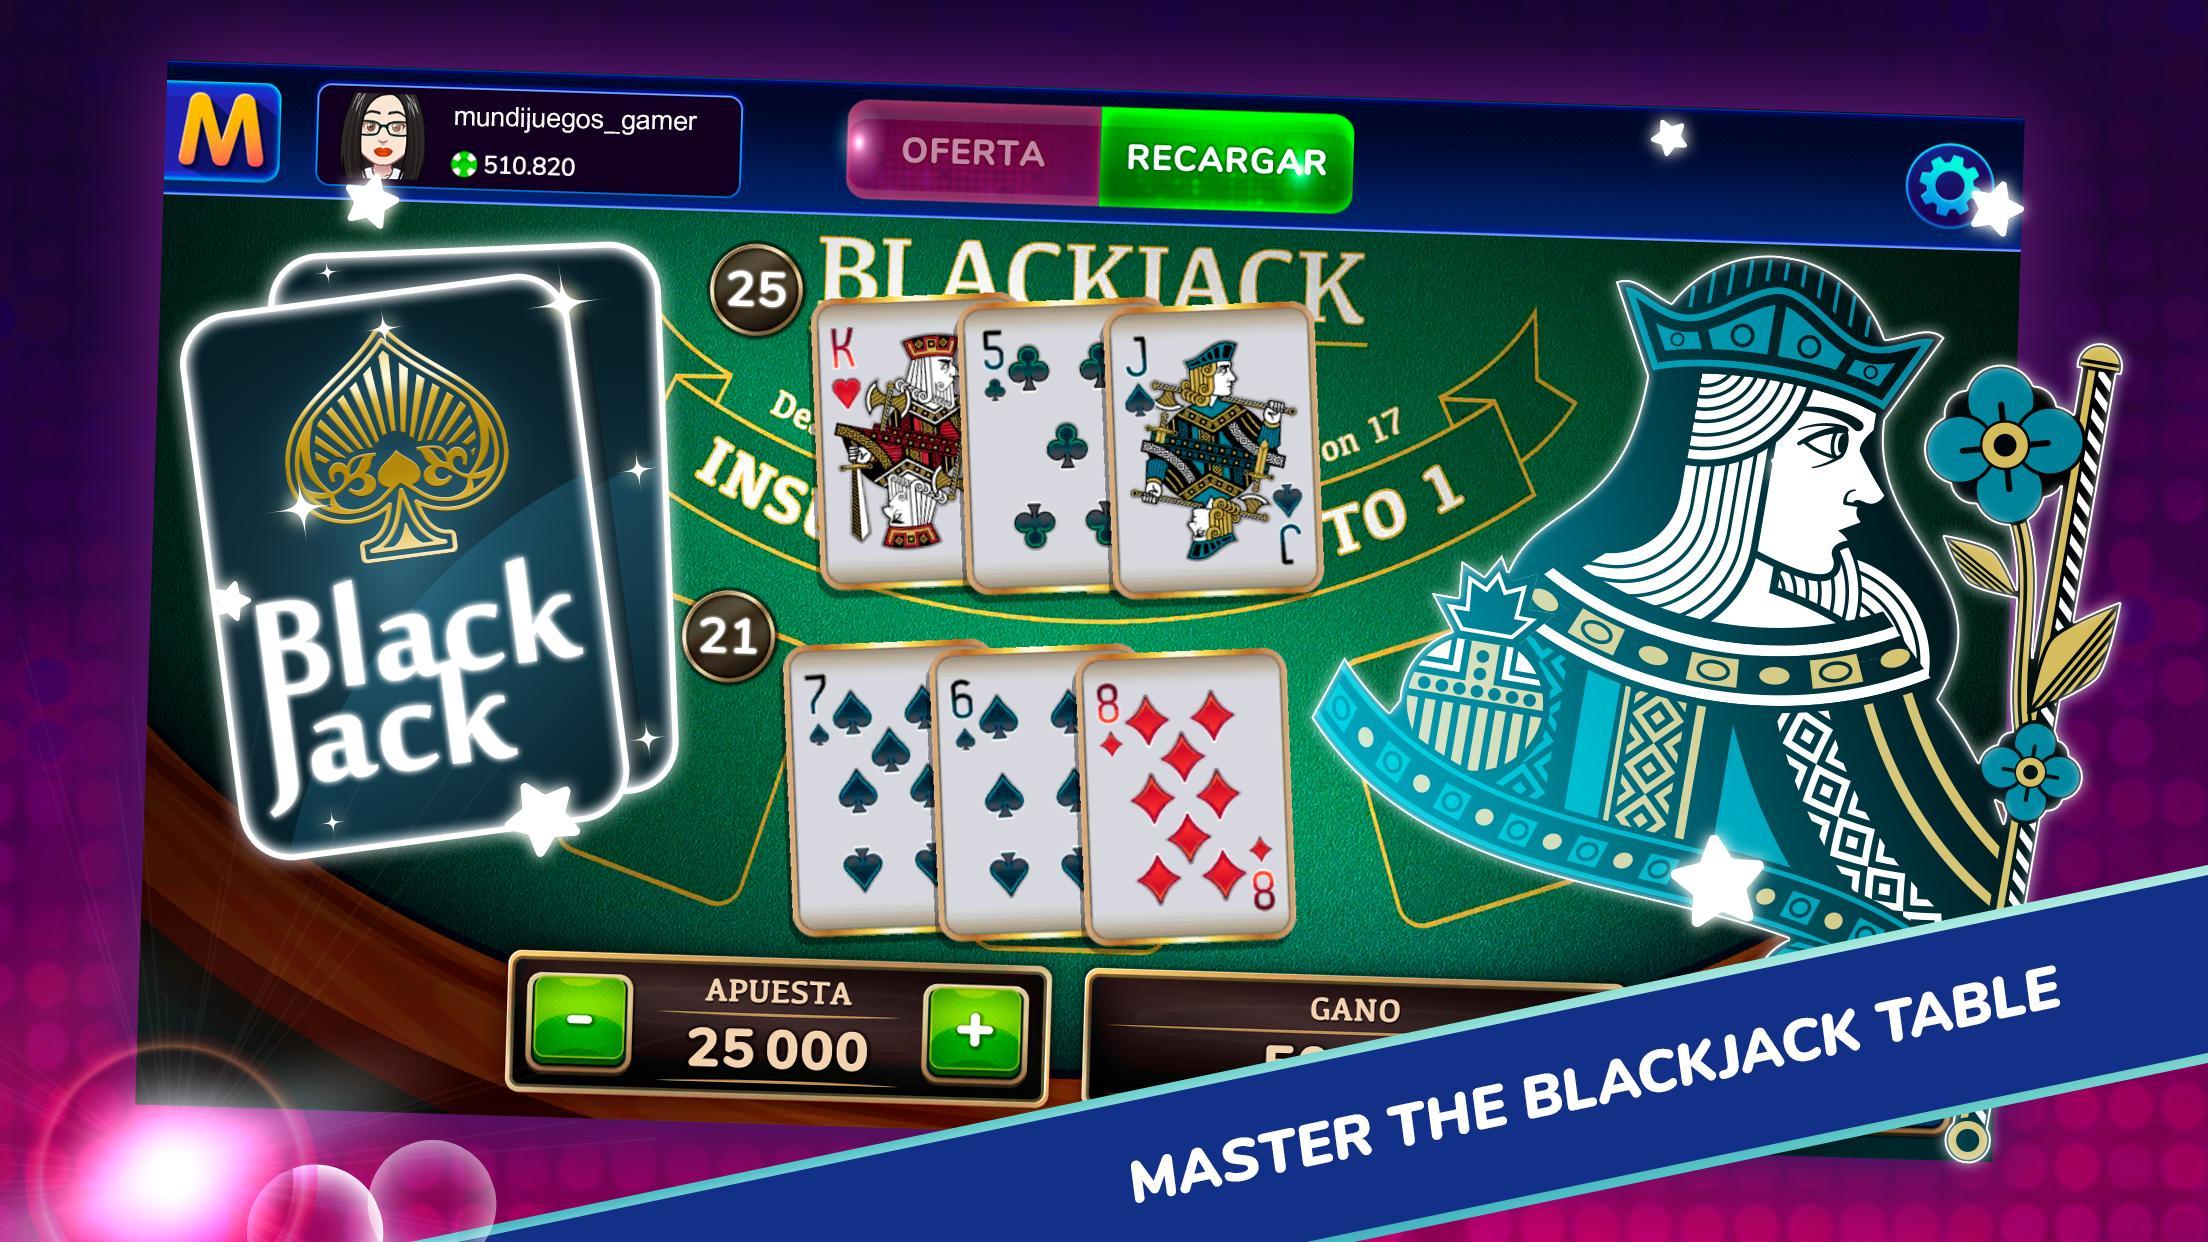 Die virtuellen casino uji